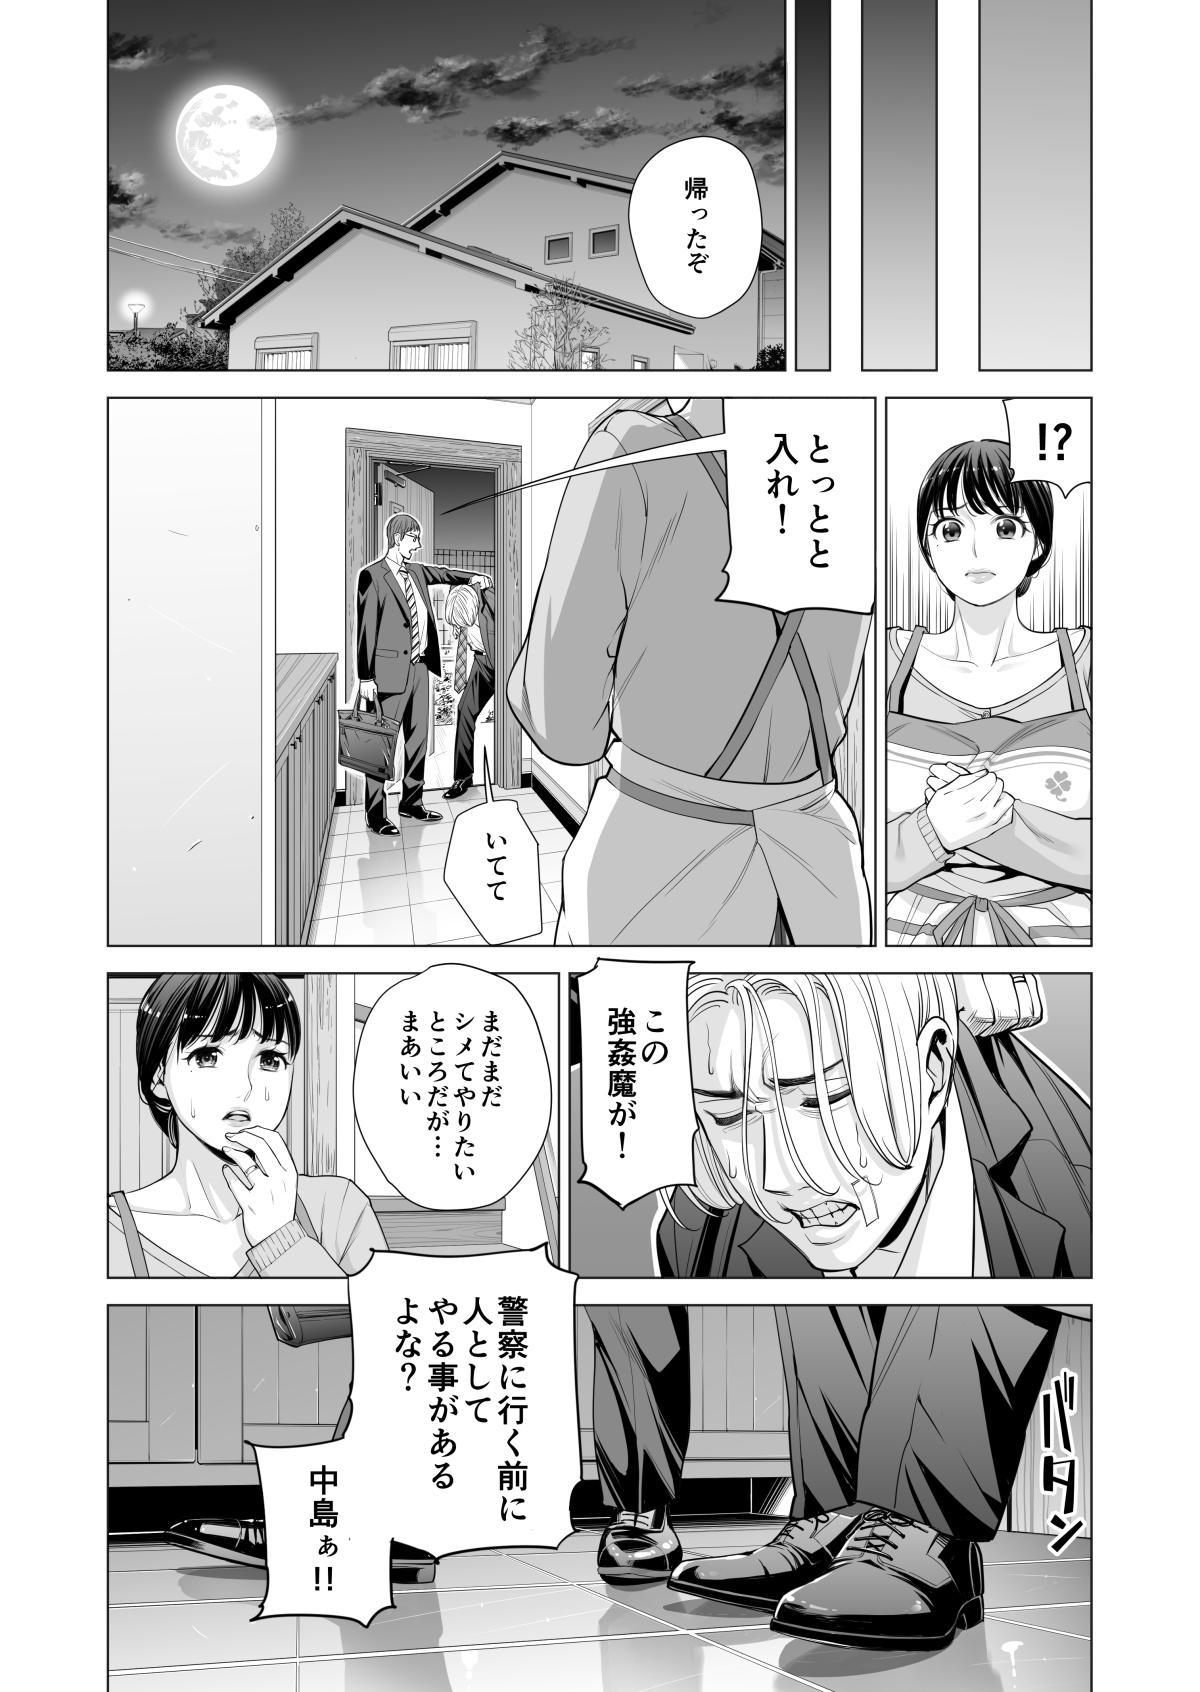 Tsukiyo no Midare Sake 25